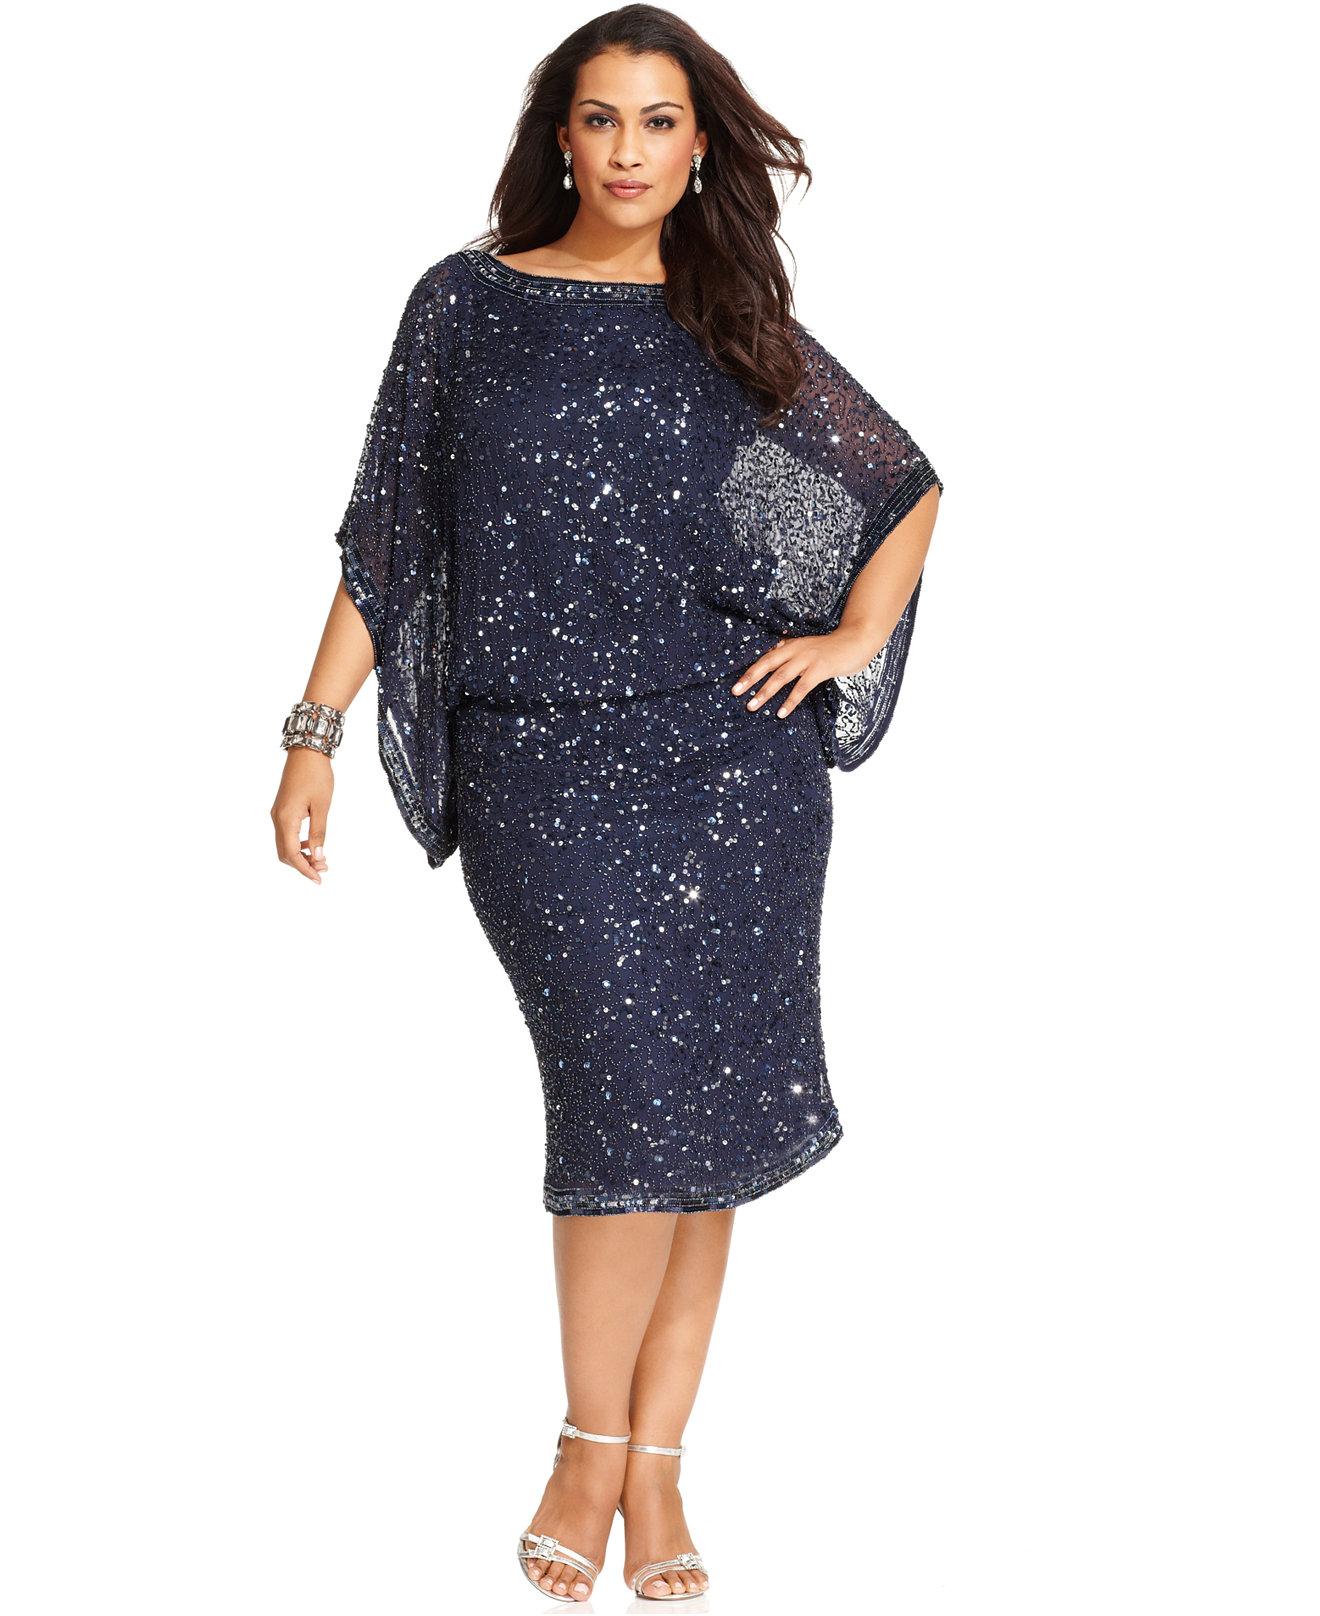 Kimono Sleeve Plus Size Dress Patra Plus Size Kimono Sleeve